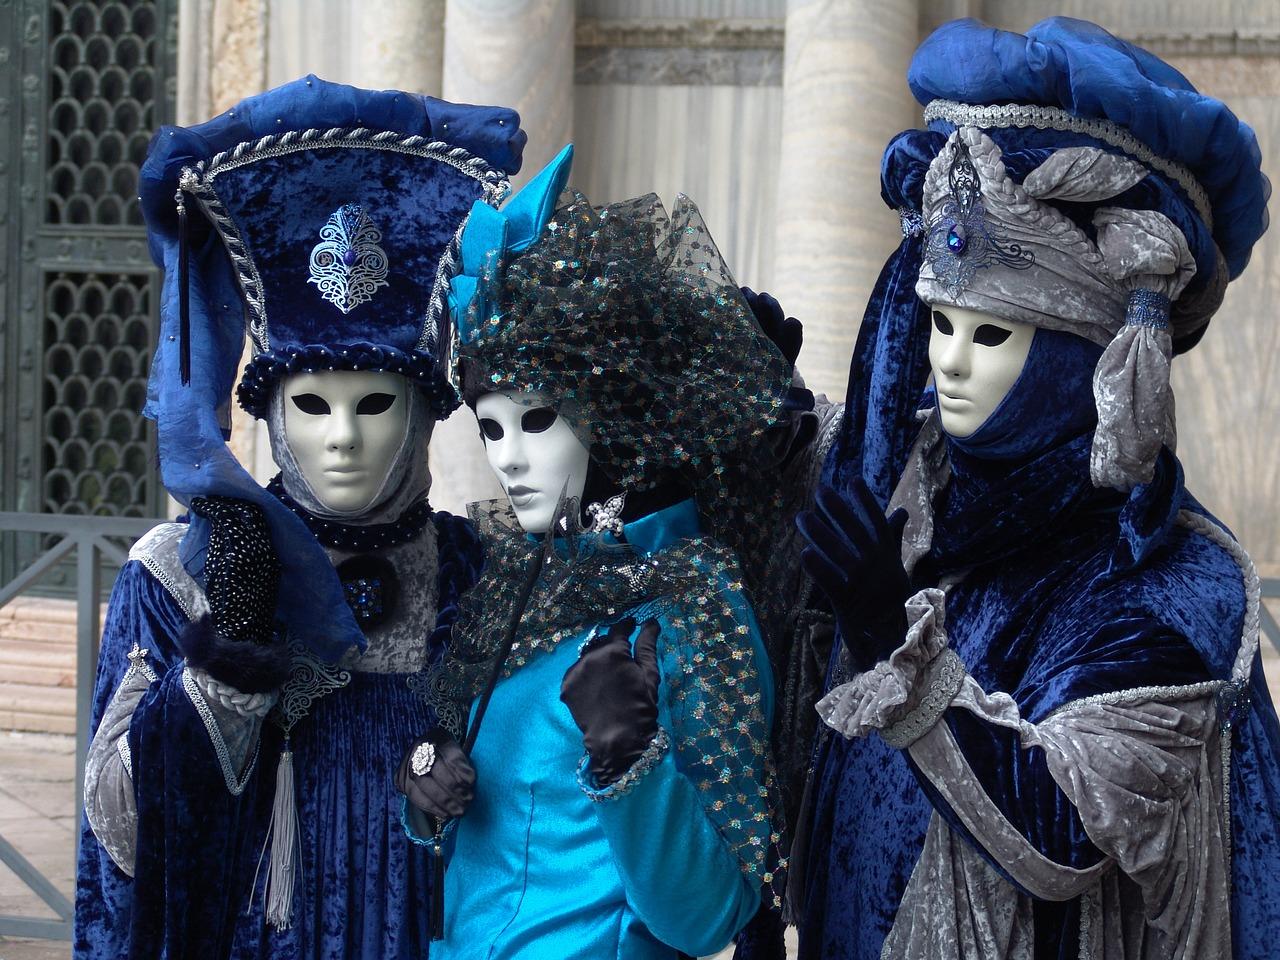 masken und kostümierung in Venedig